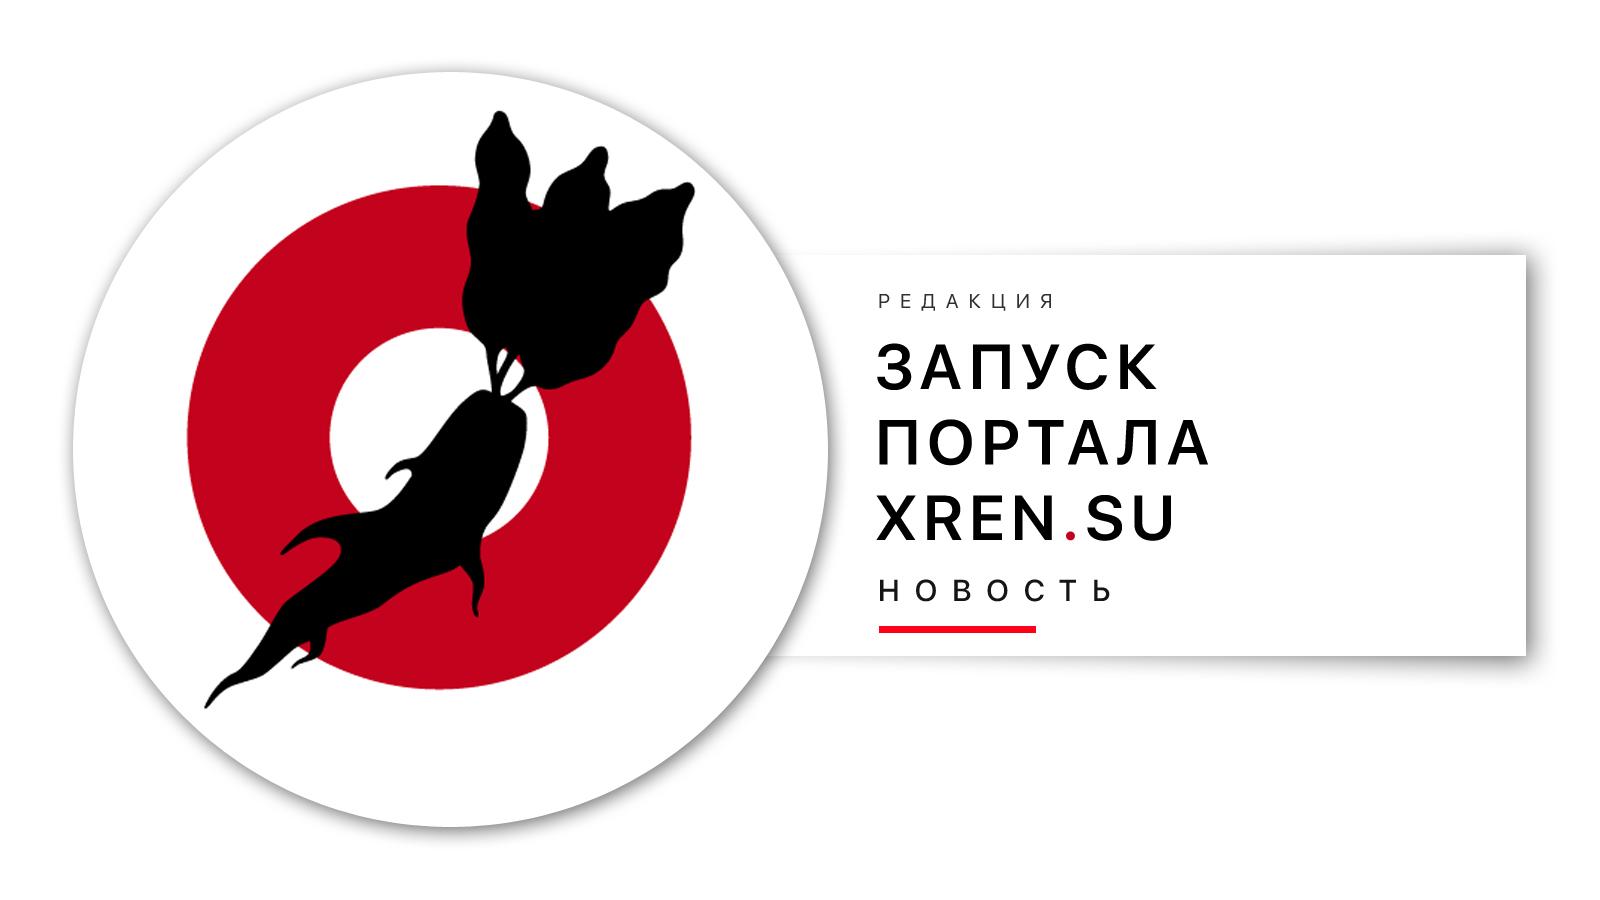 Запуск портала Xren.su